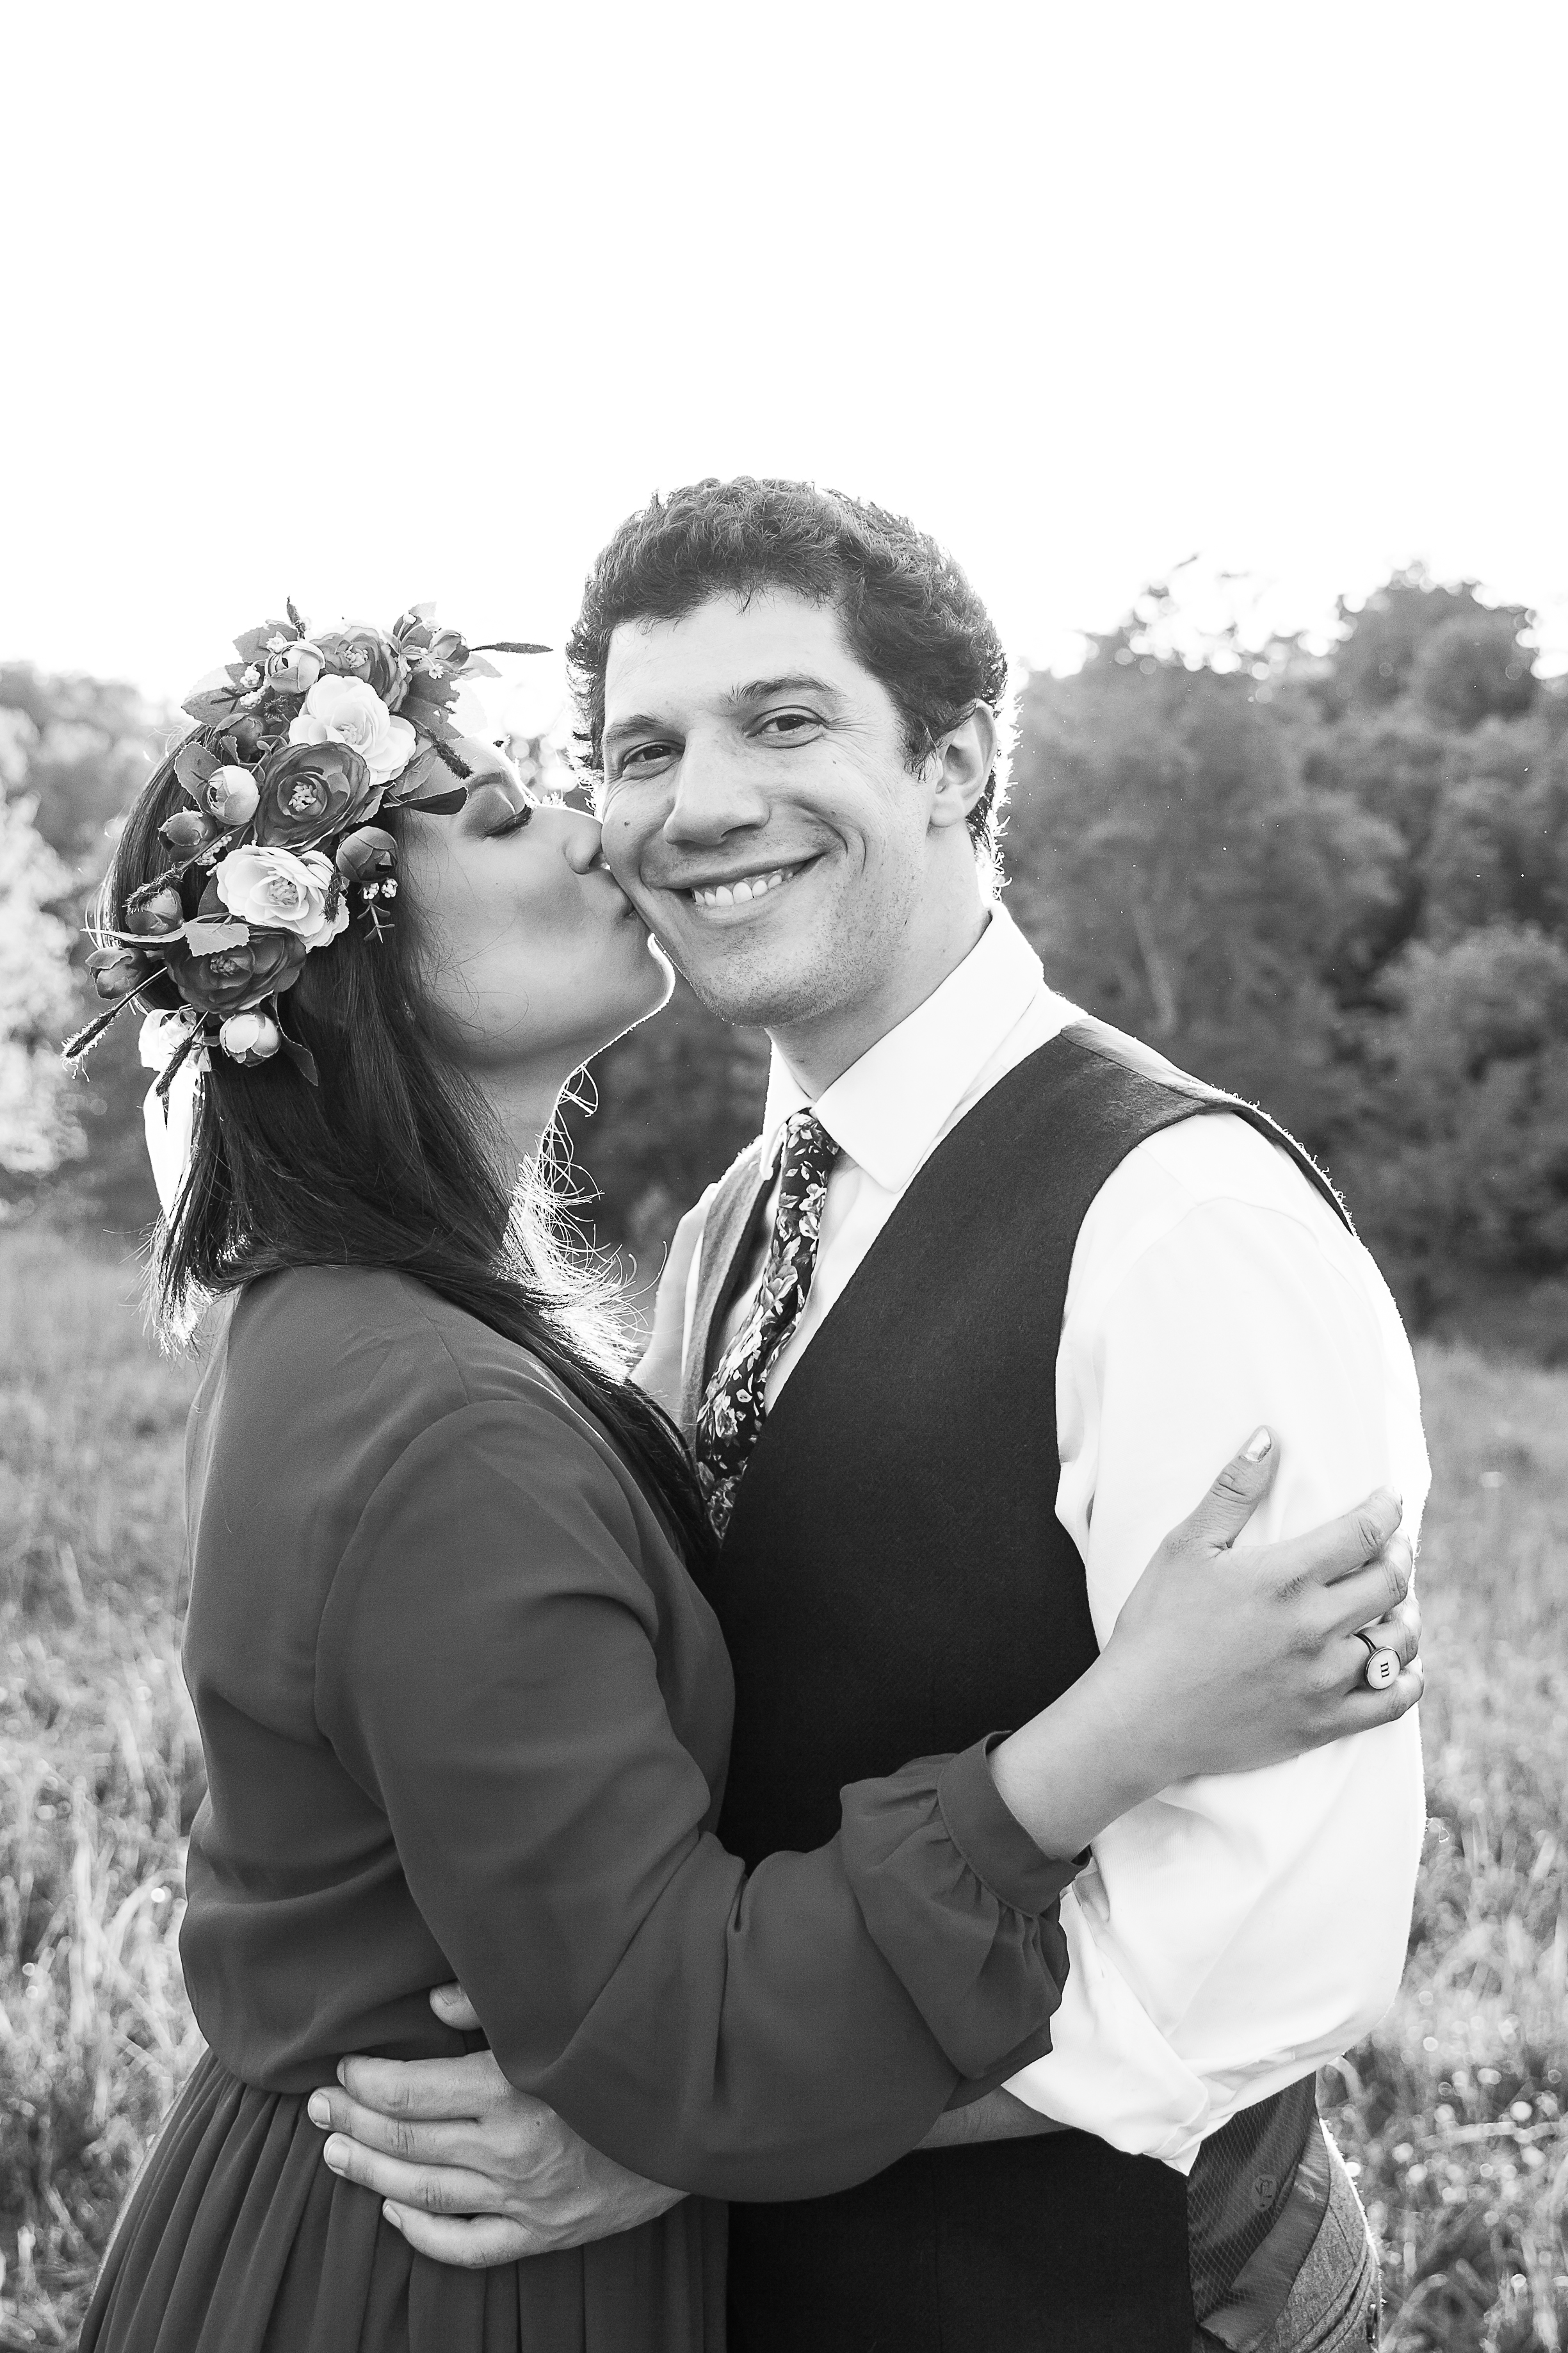 Mai-Dan-Engagement-Kim-Pham-Clark-Photography-170.jpg